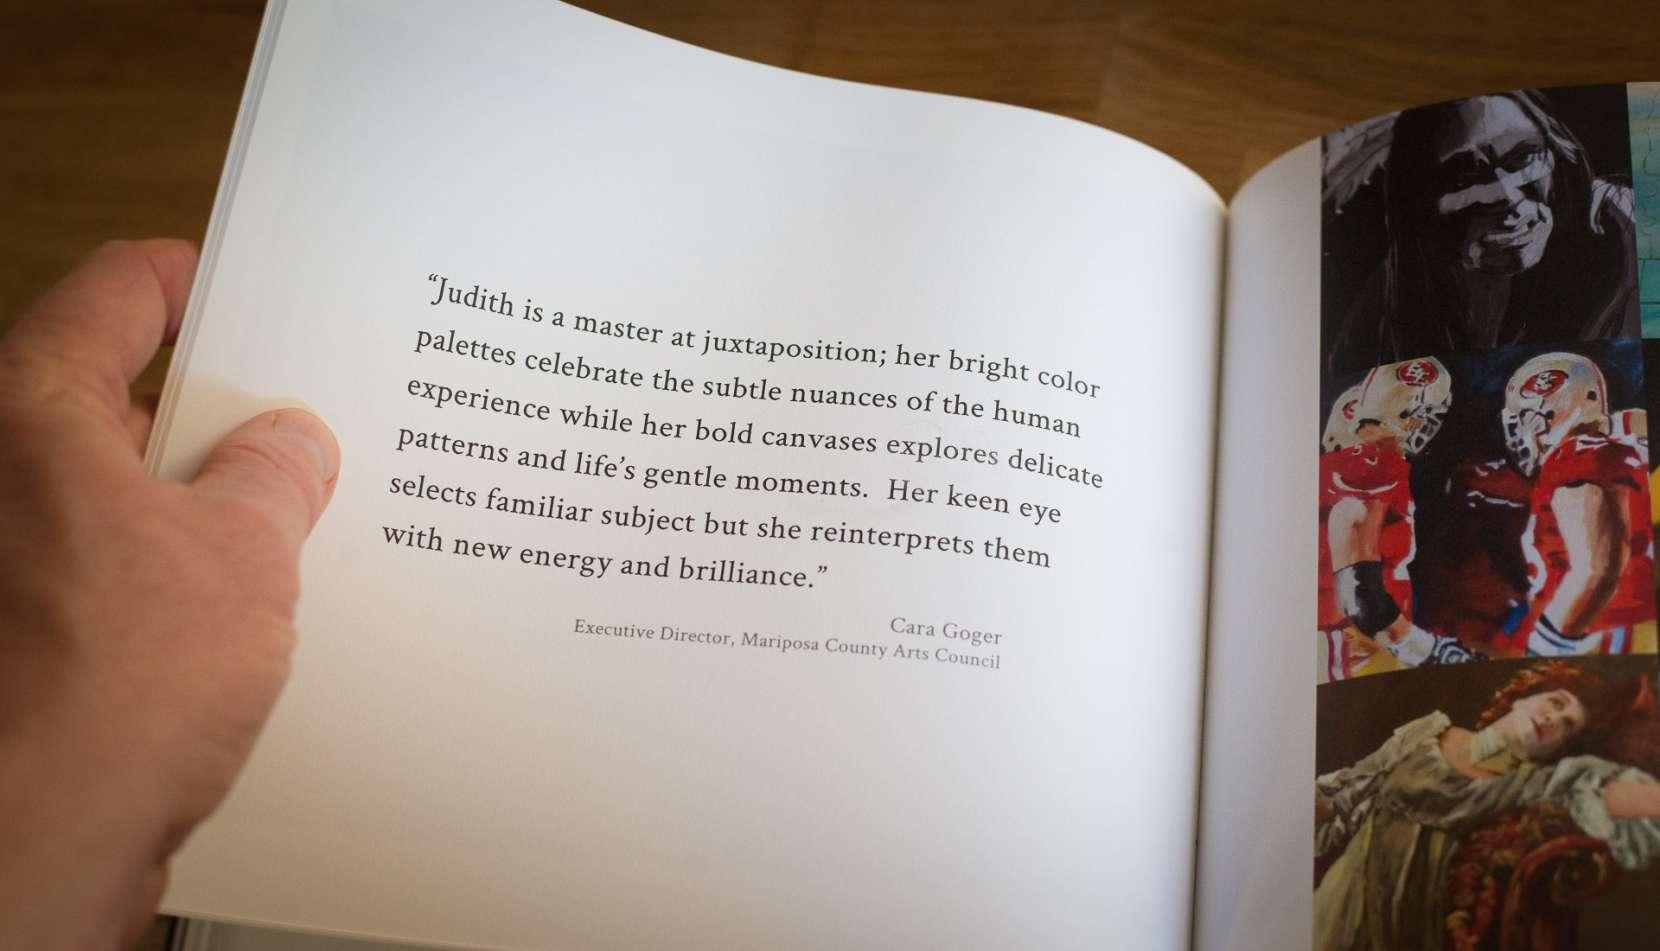 judith-book-6473-1660x951.jpg